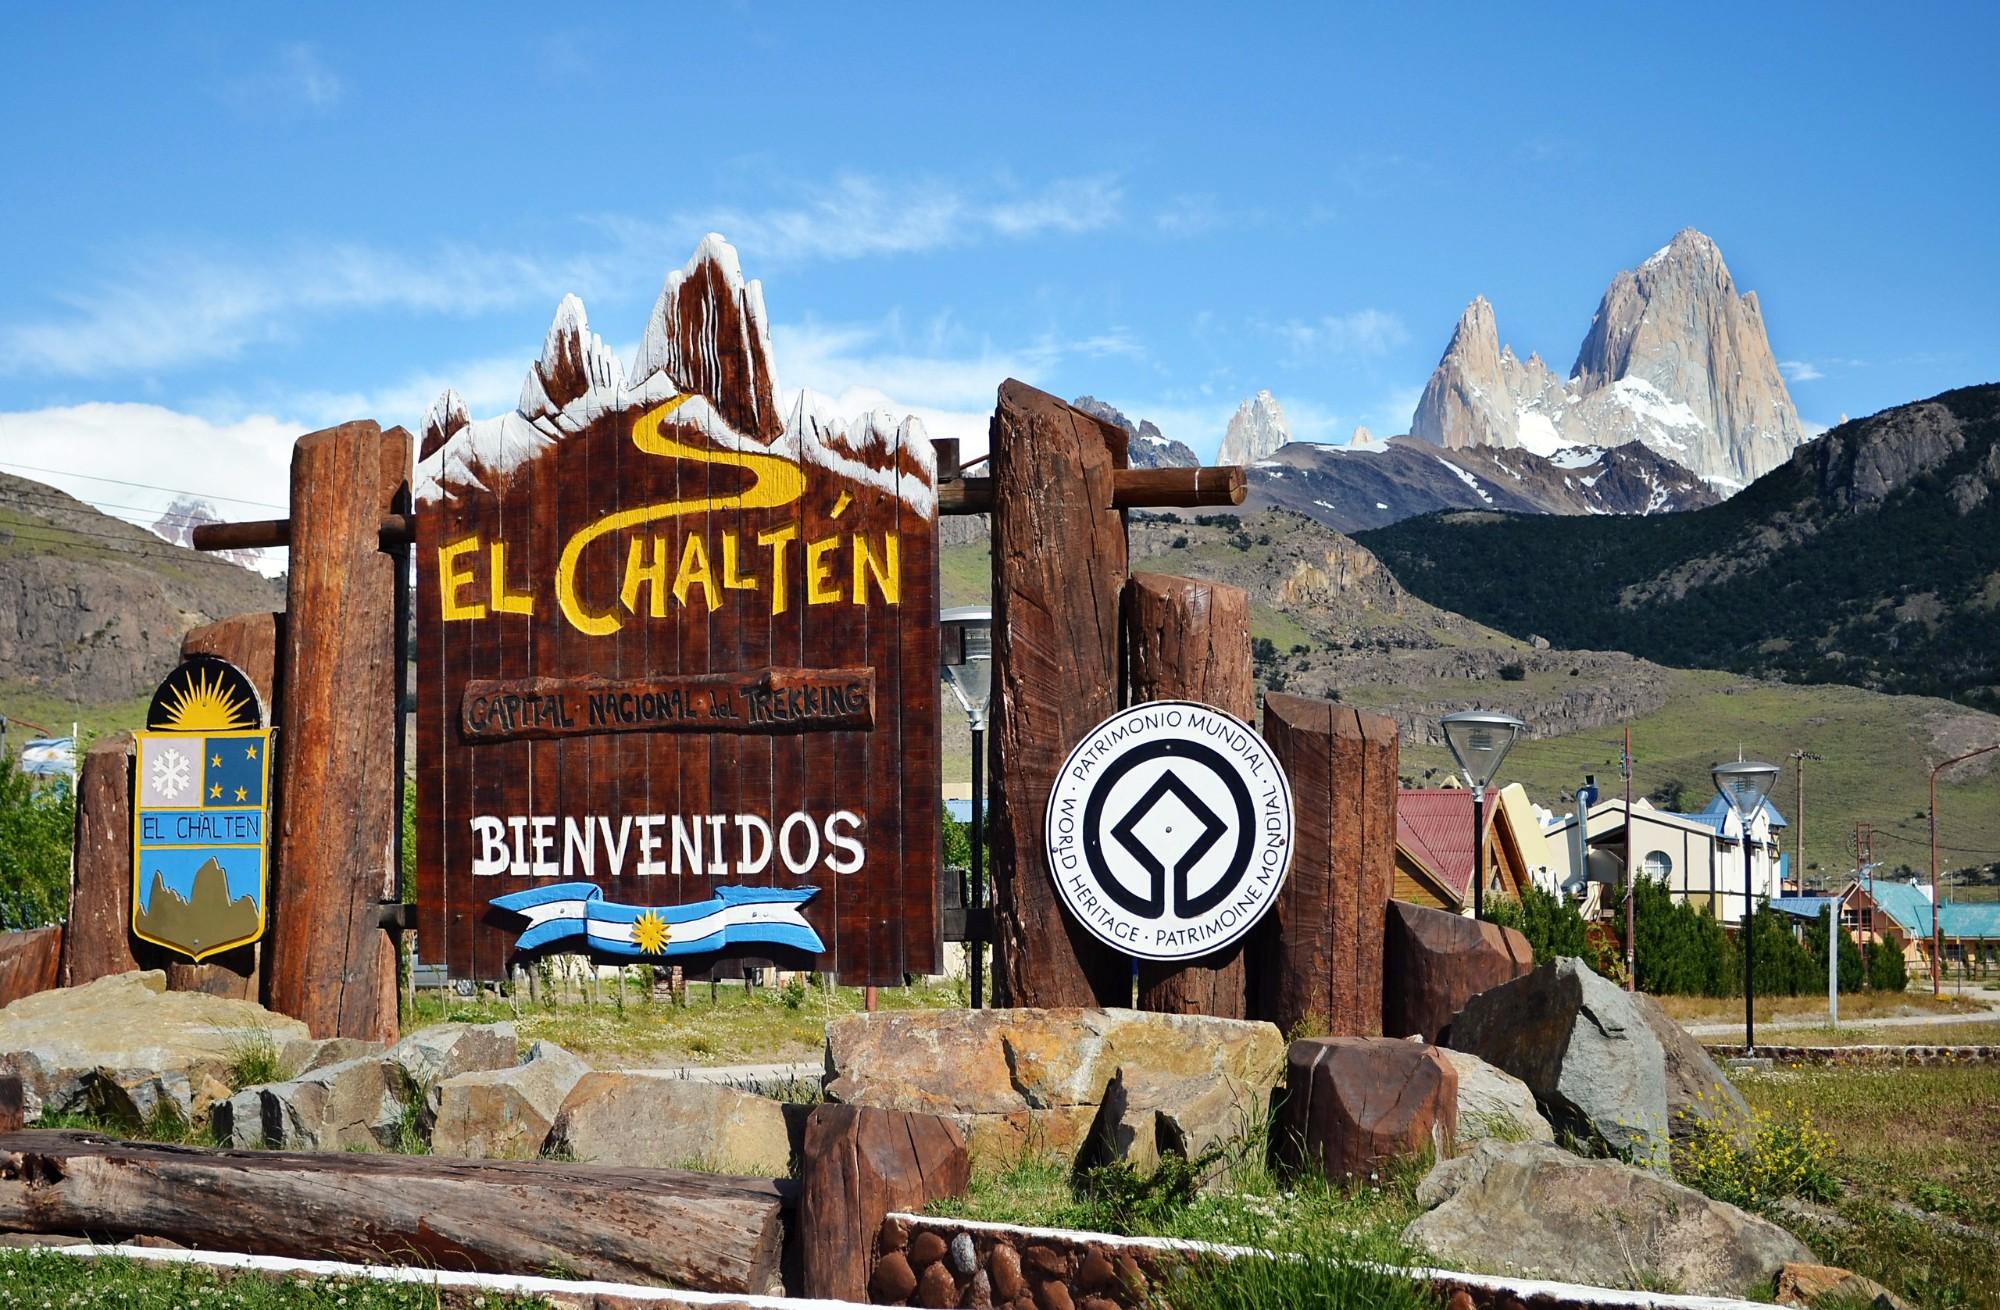 Уютный аргентинский городок Эль Чальтен с обалденнейшими горными пиками, до которых можно дойти всего за полдня!